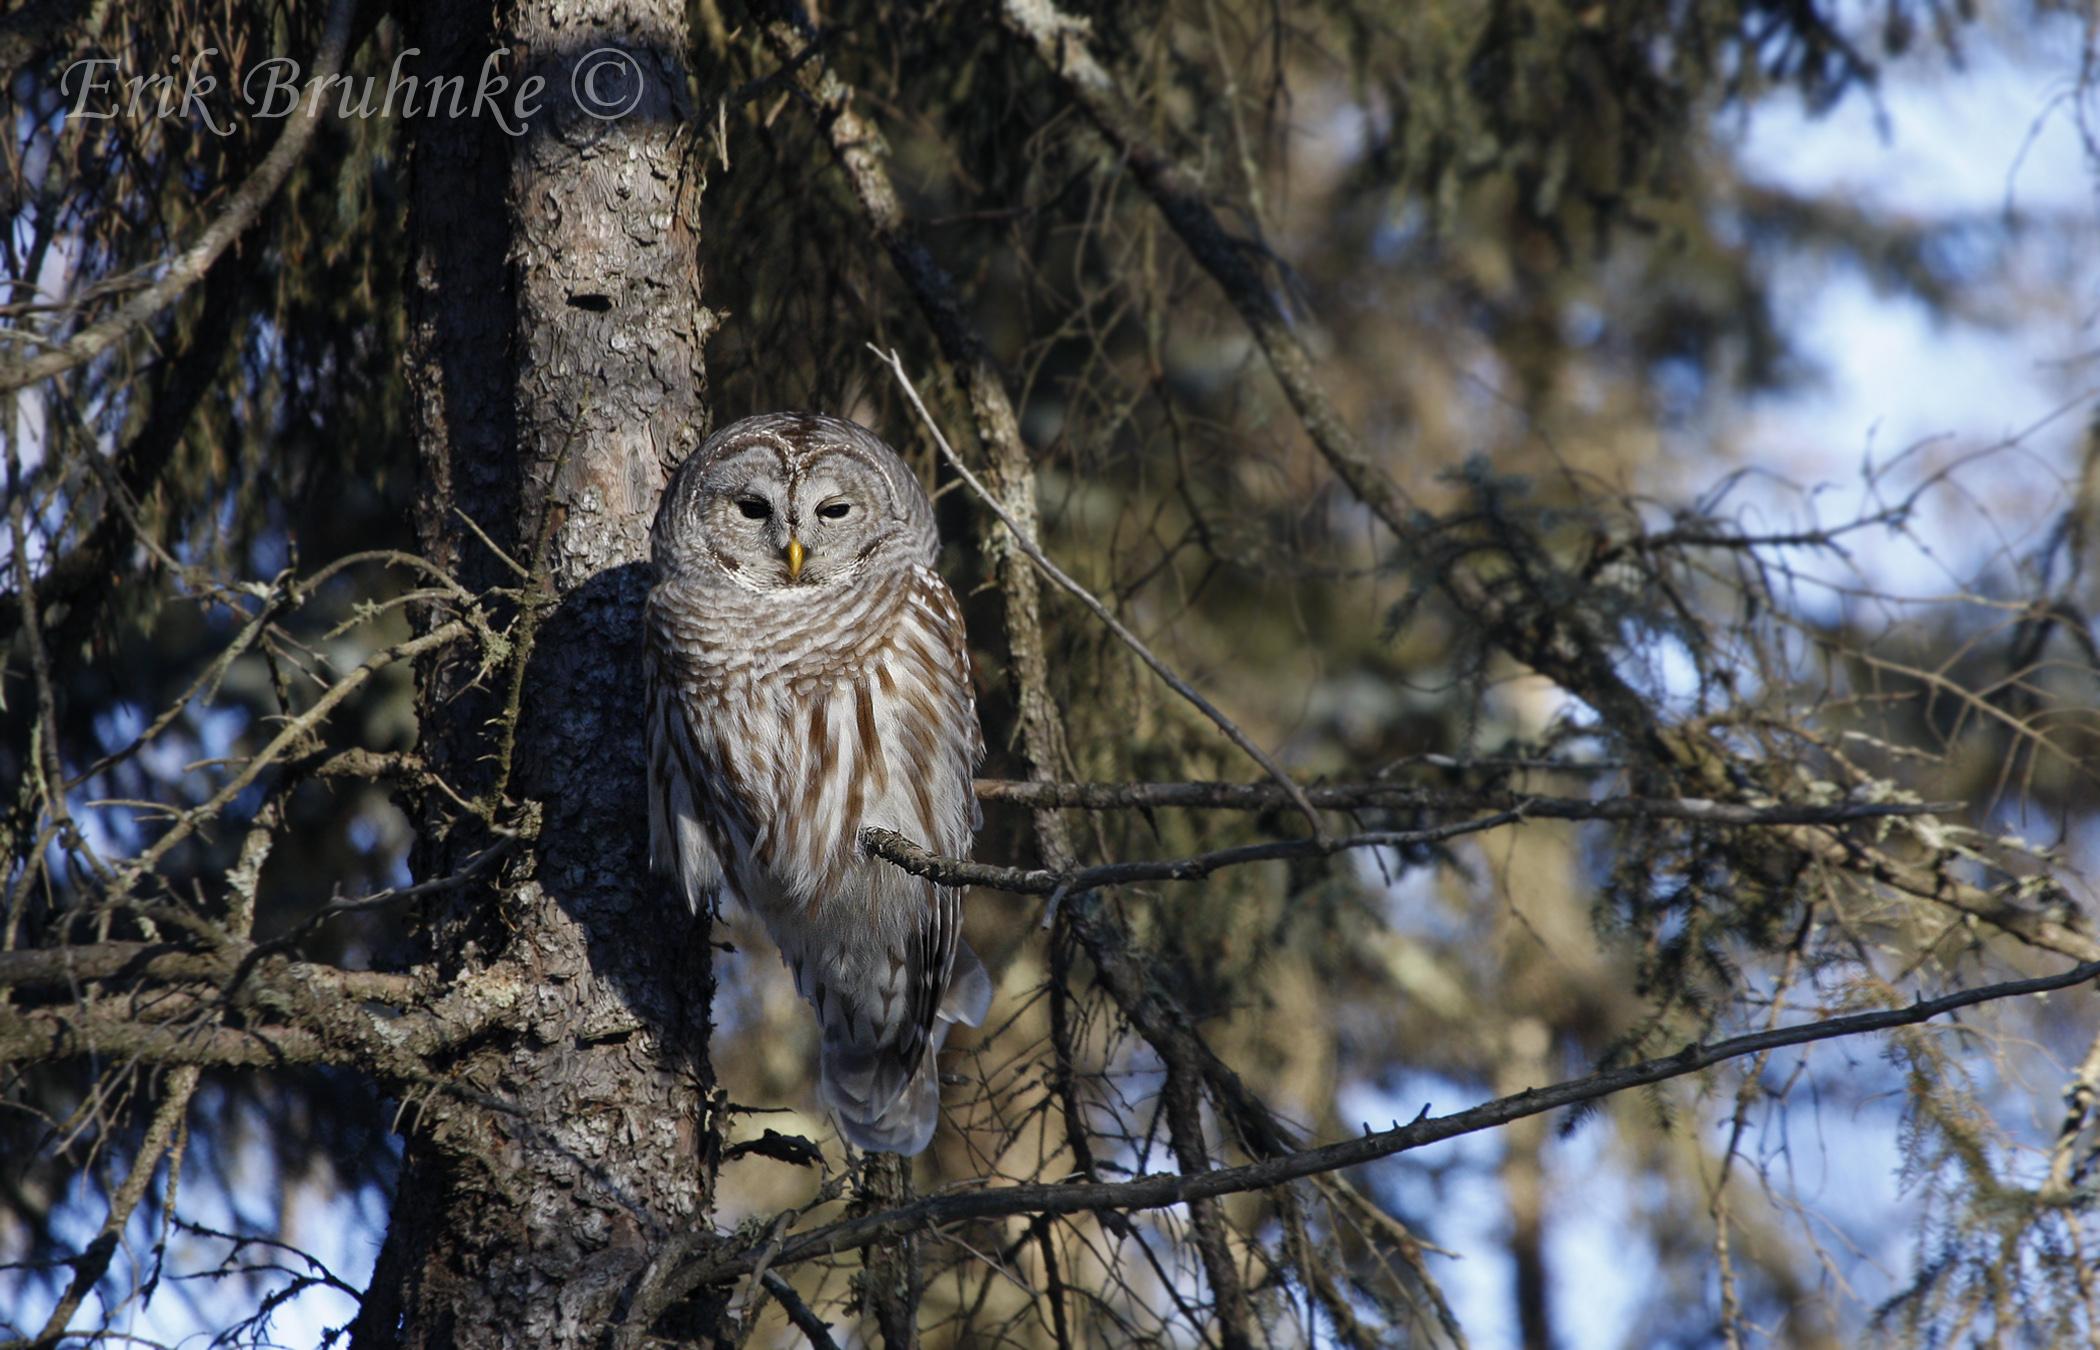 Barred Owl.  Photo by Erik Bruhnke.